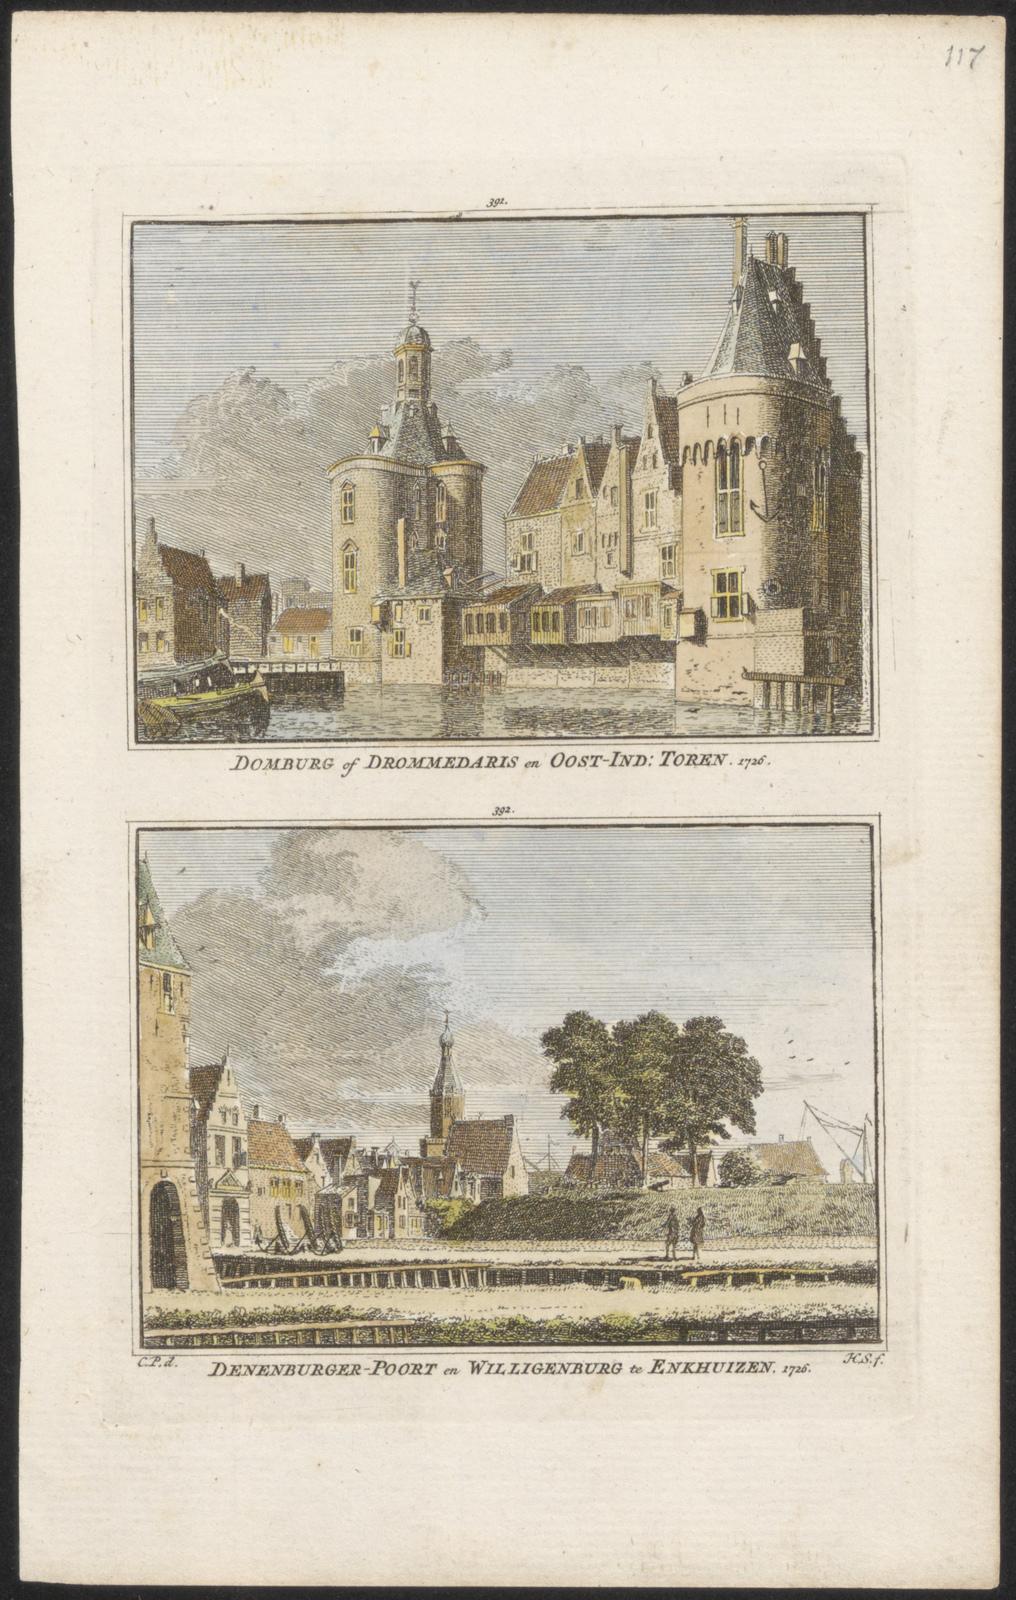 Domburg of Drommedaris en Oost-ind. toren 1726. Denenburgerpoort en Willigenburg te Enkhuizen 1726.